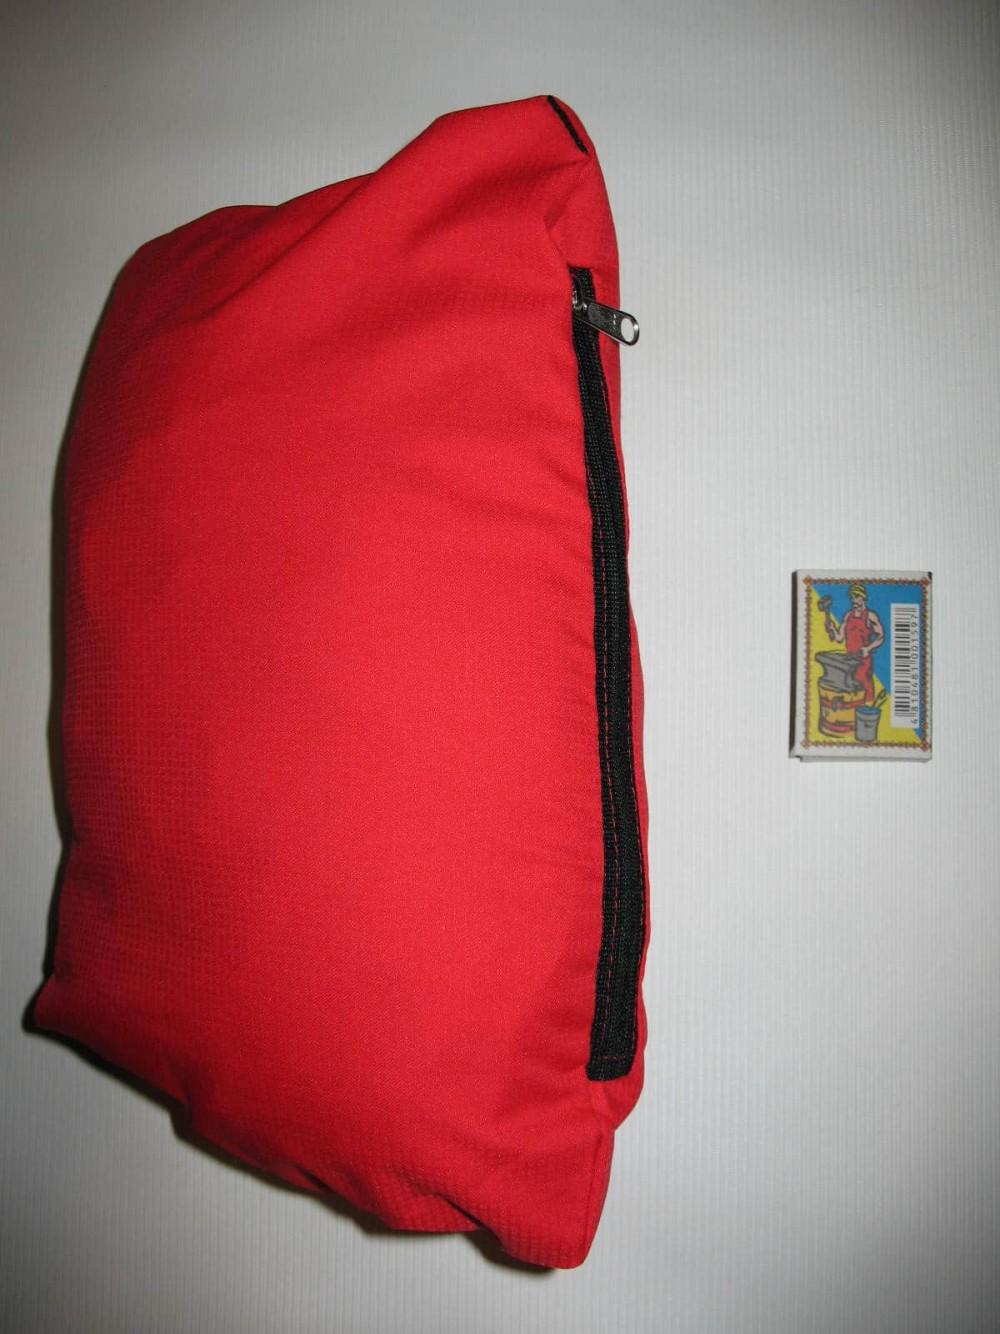 Куртка GORE bike wear 2in1 windstopper red jacket lady (размер 38/M) - 6